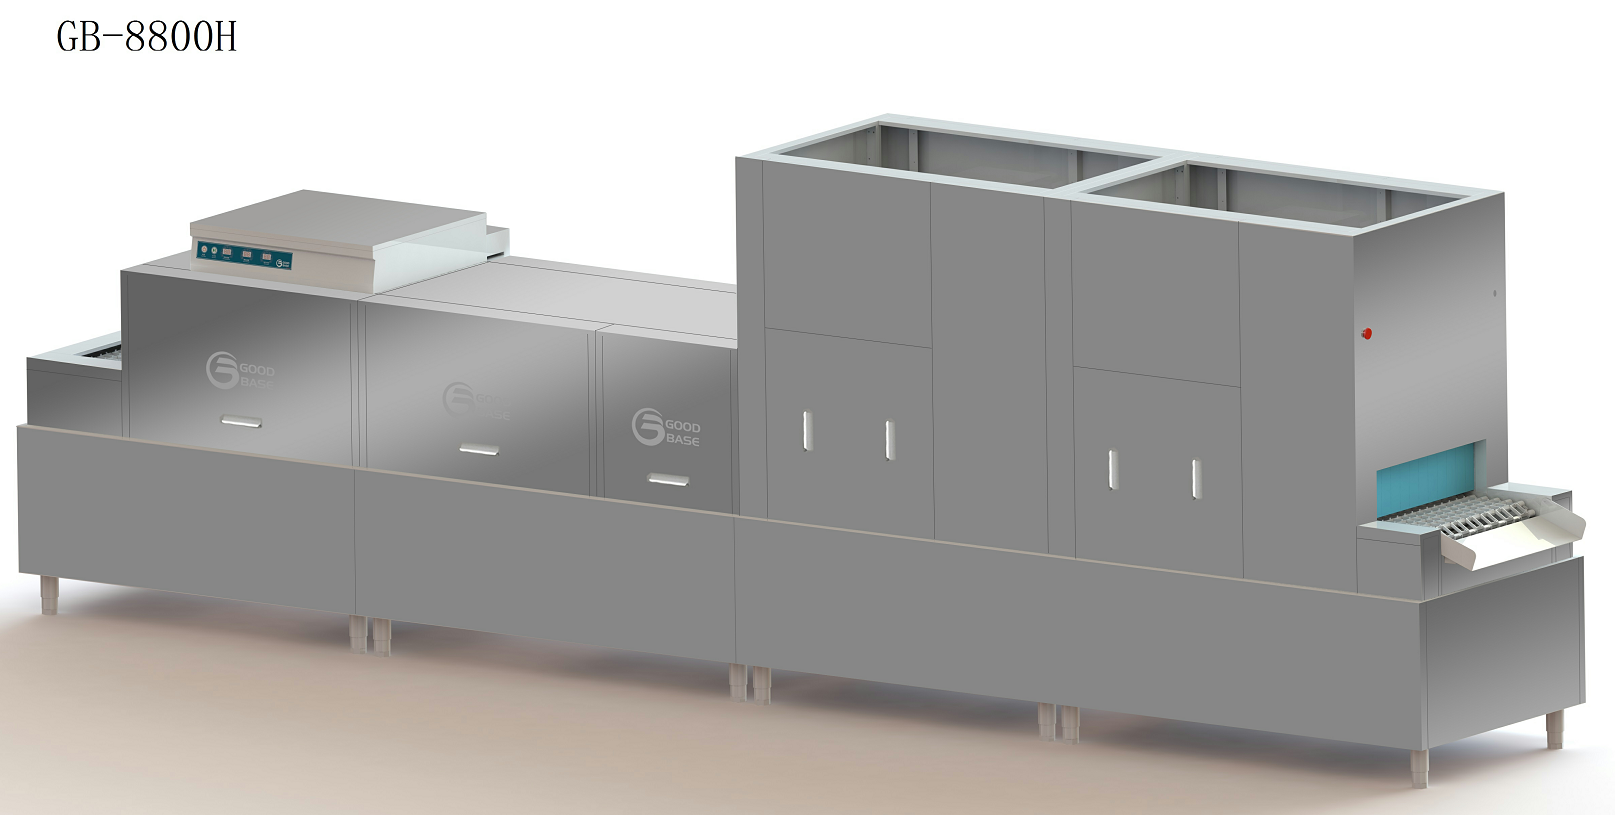 GB-8800H商用洗碗机